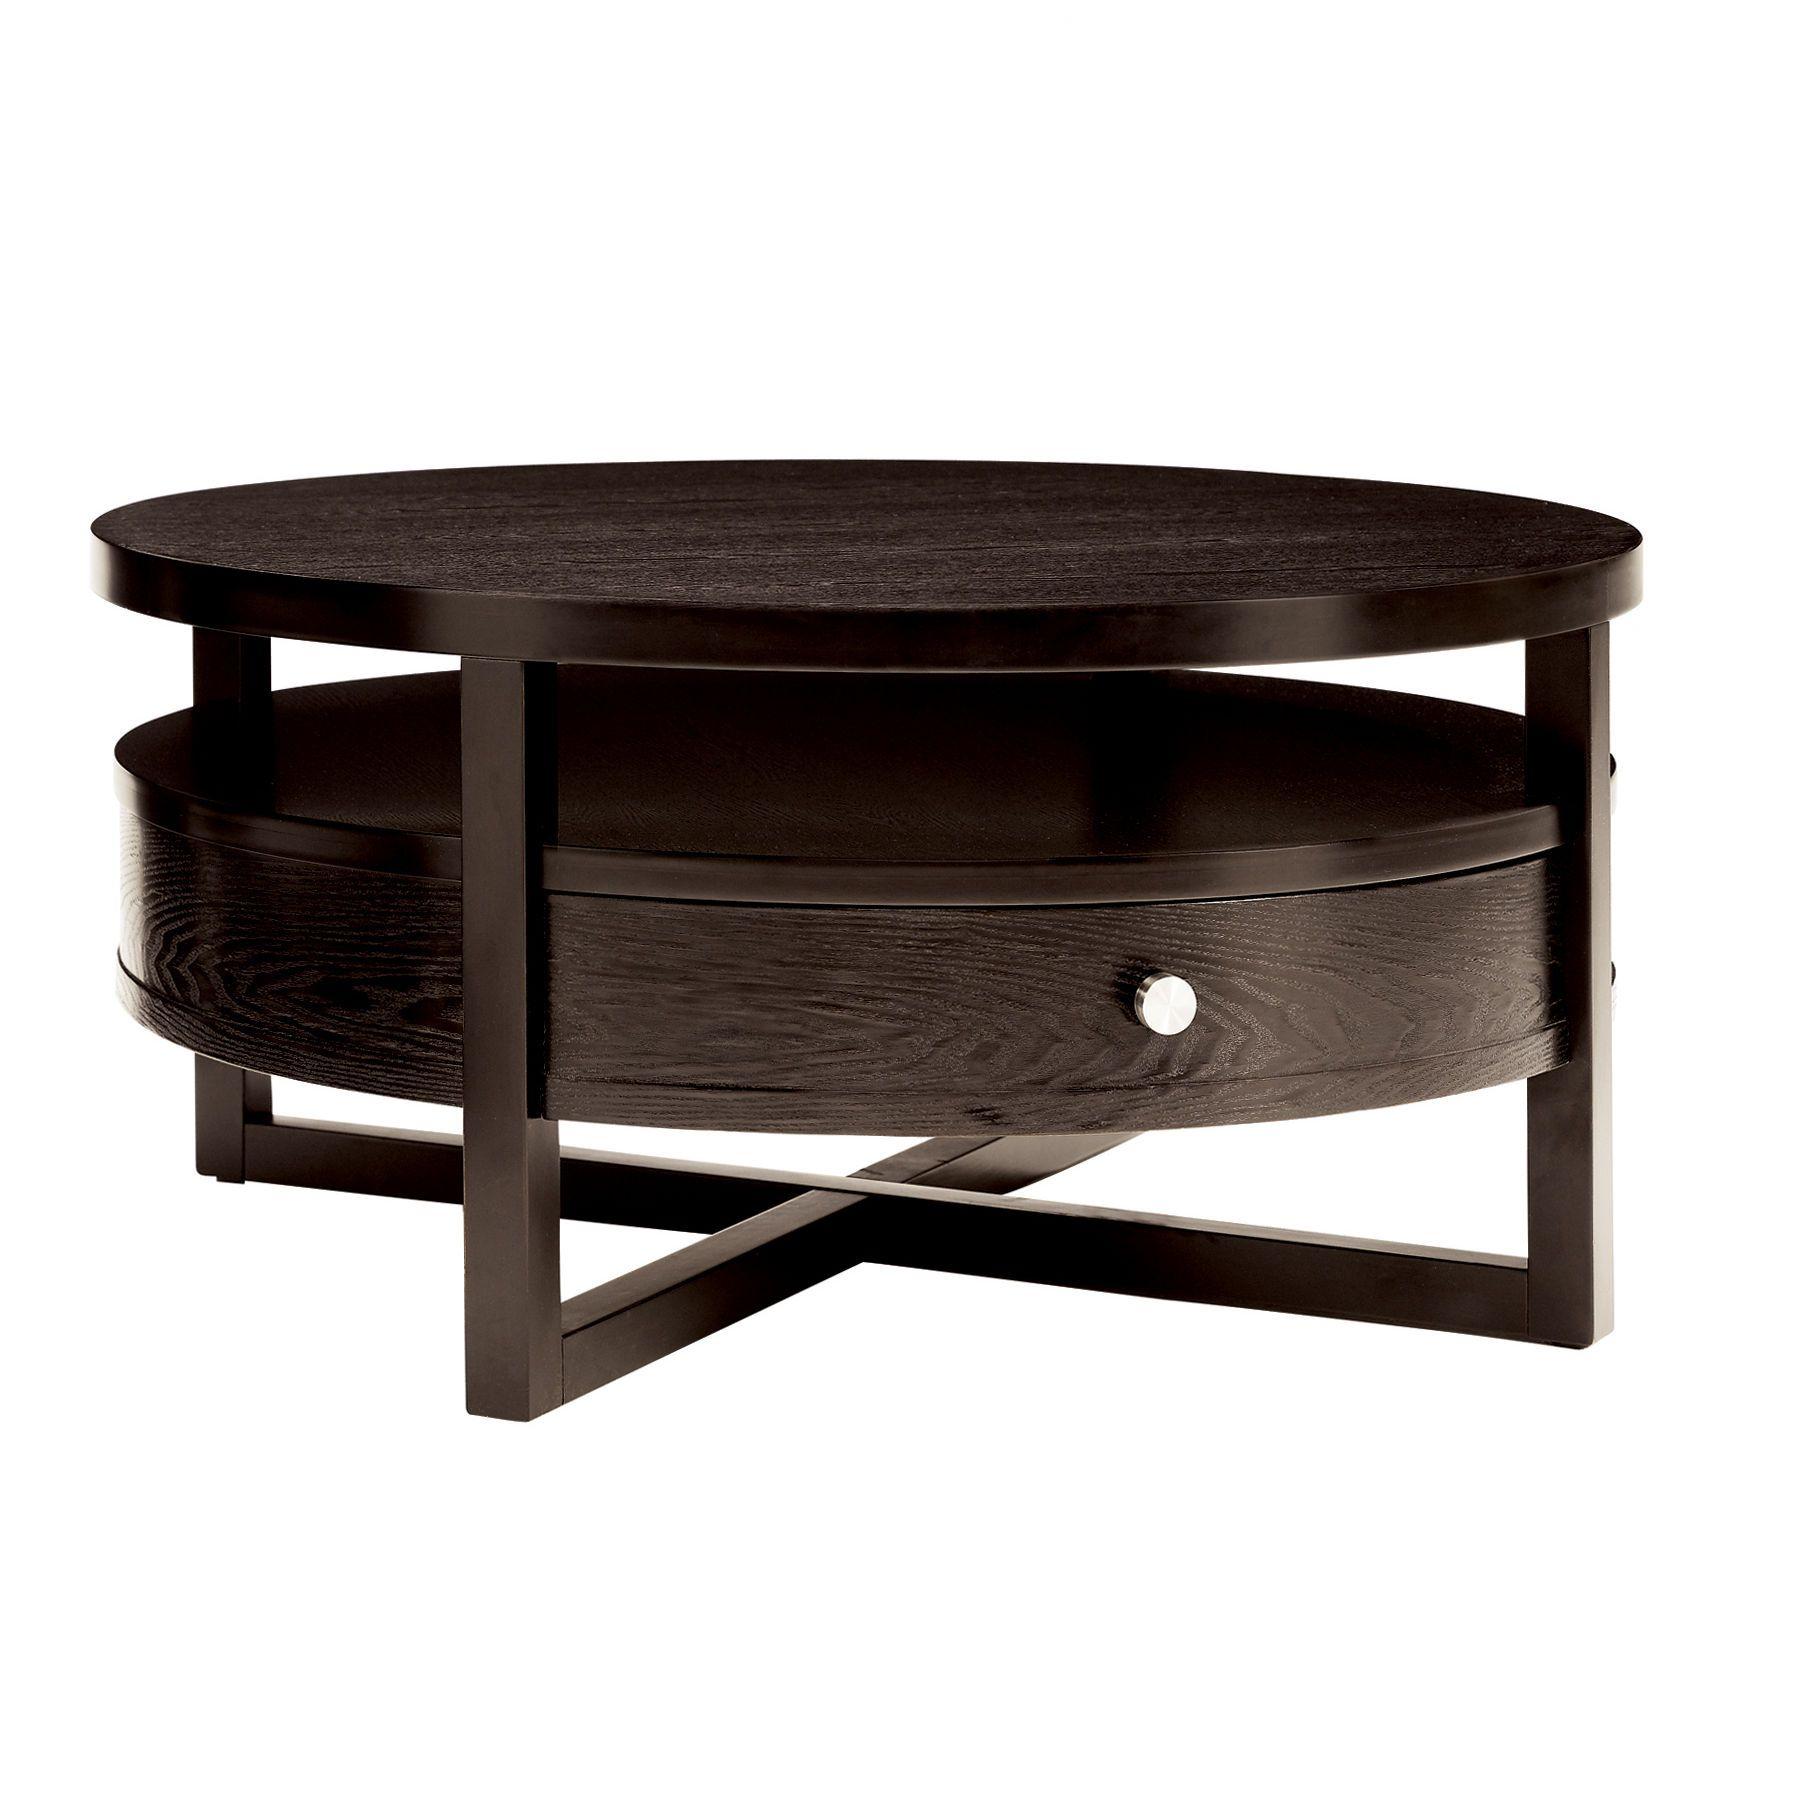 Sitcom Furniture Tiber Coffee Table In Java Csn Stores Coffee Table Coffee Table With Drawers Round Coffee Table [ 1814 x 1814 Pixel ]